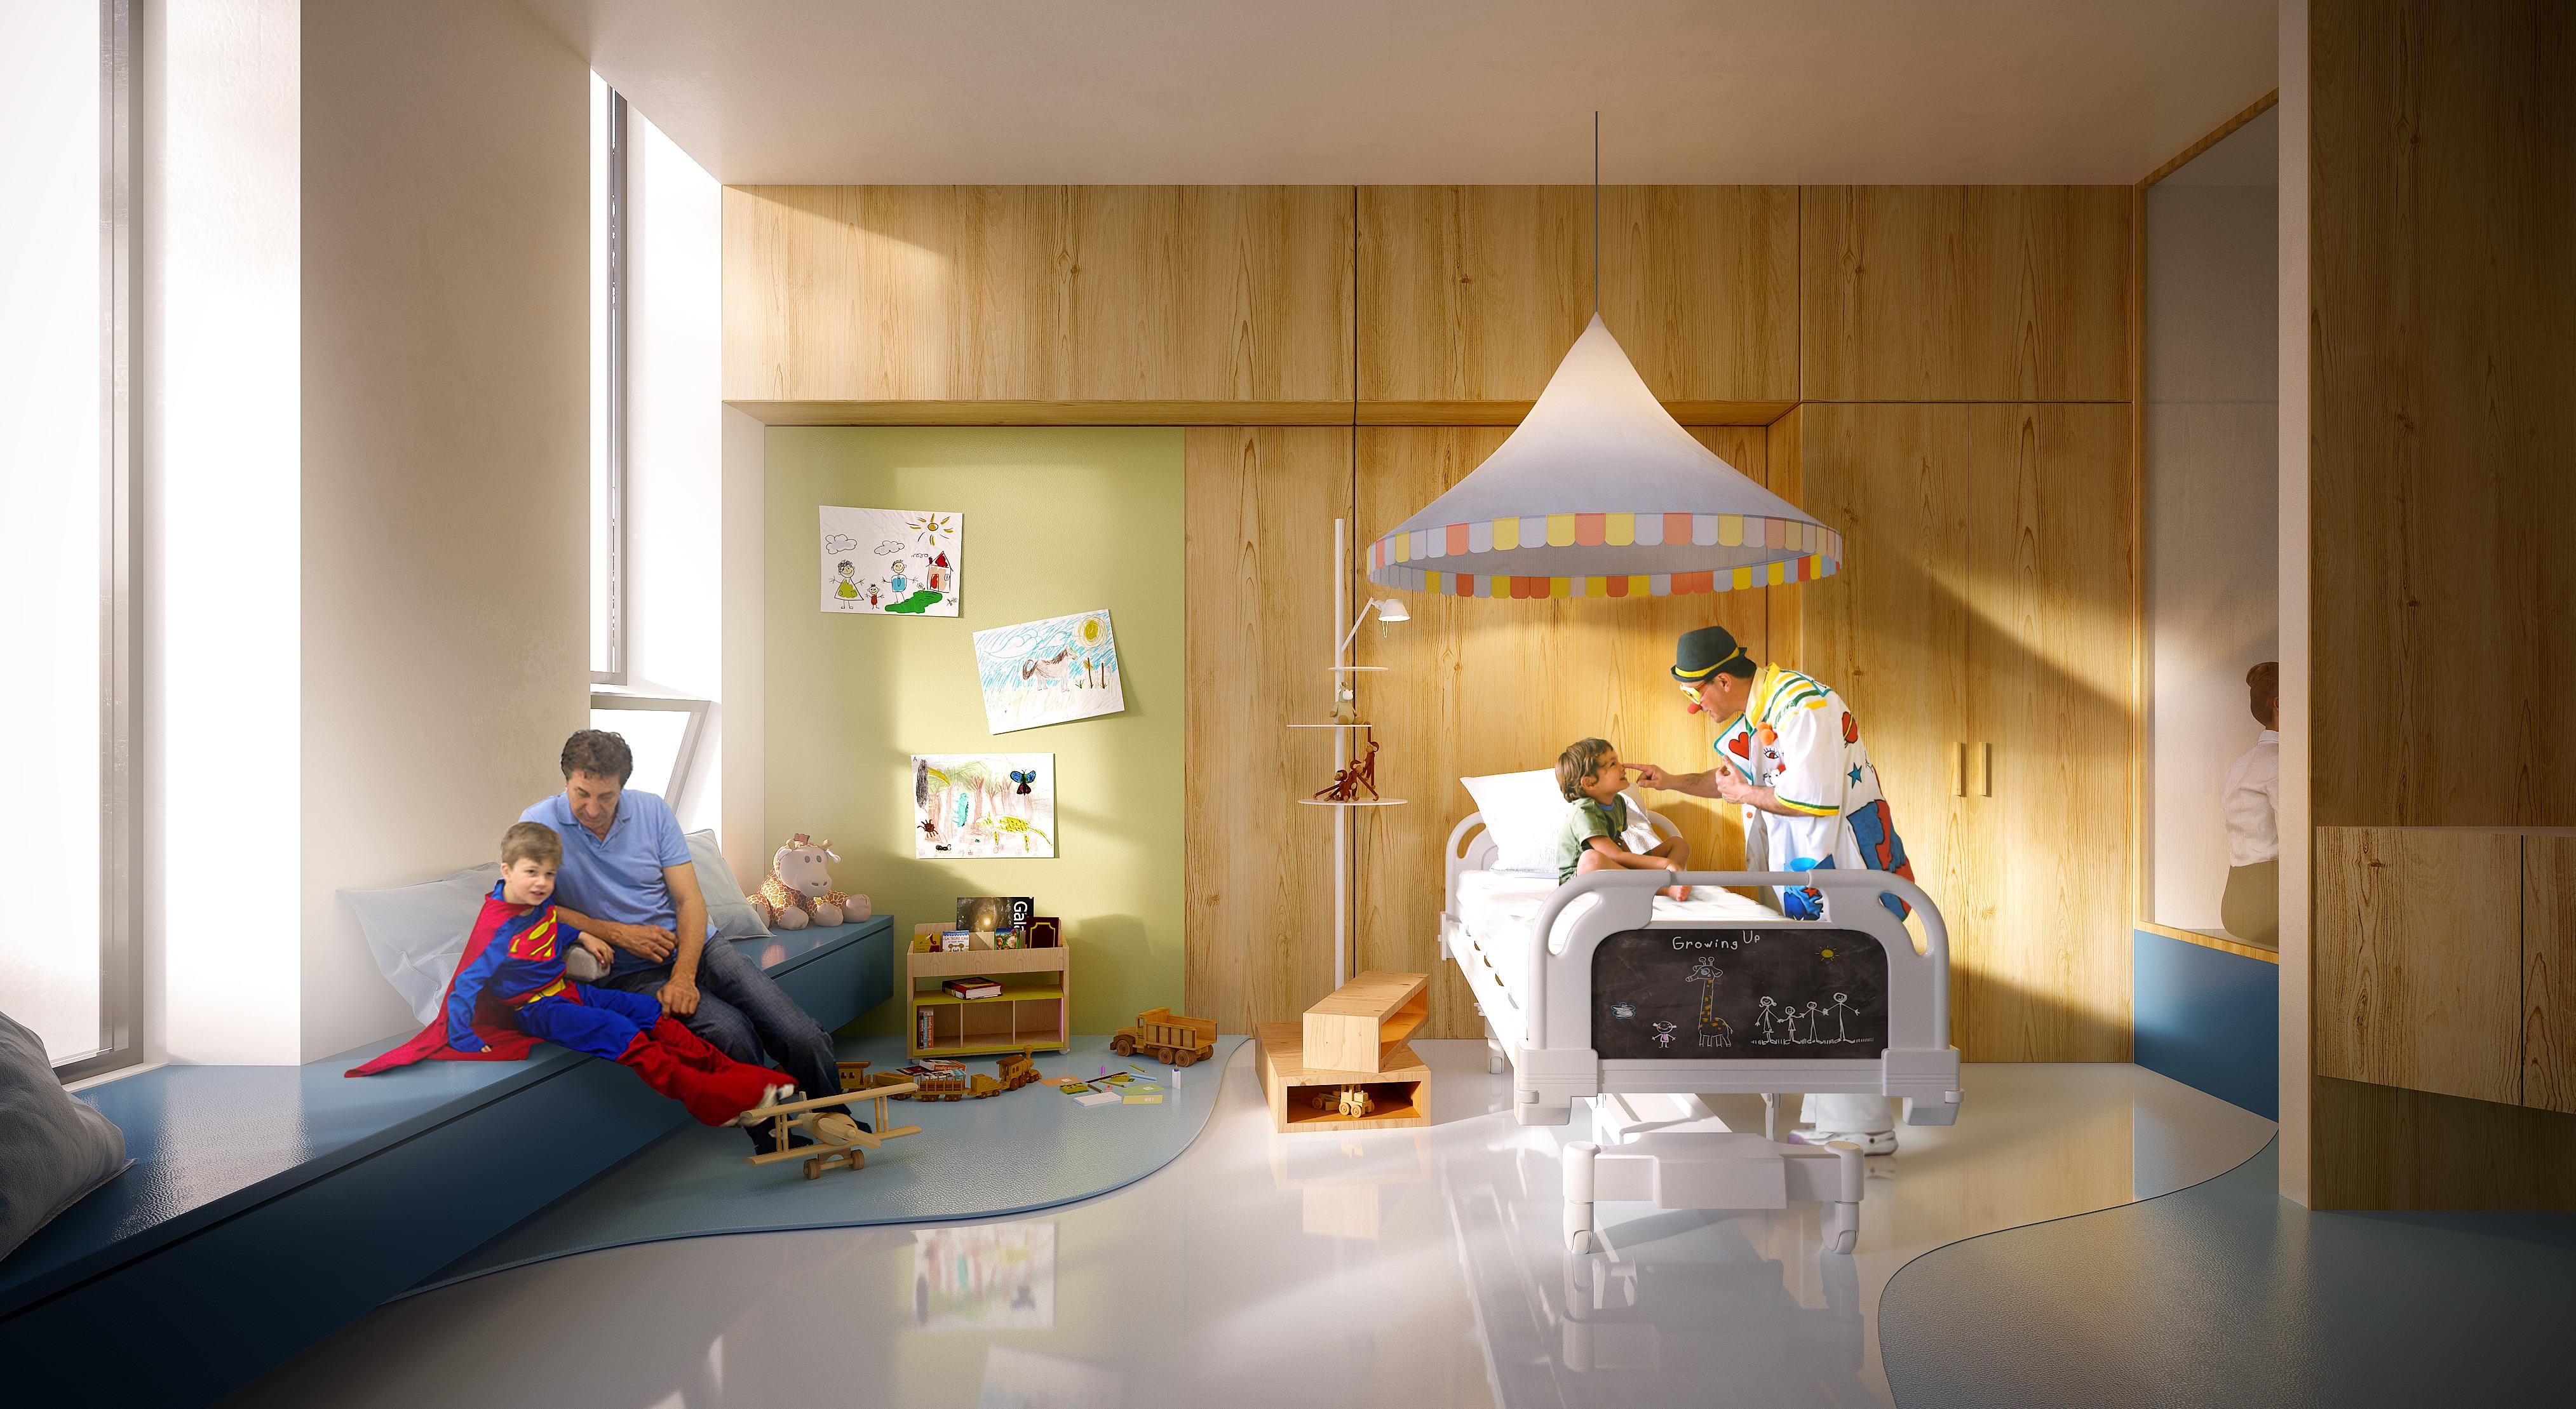 interior_04_room.jpg